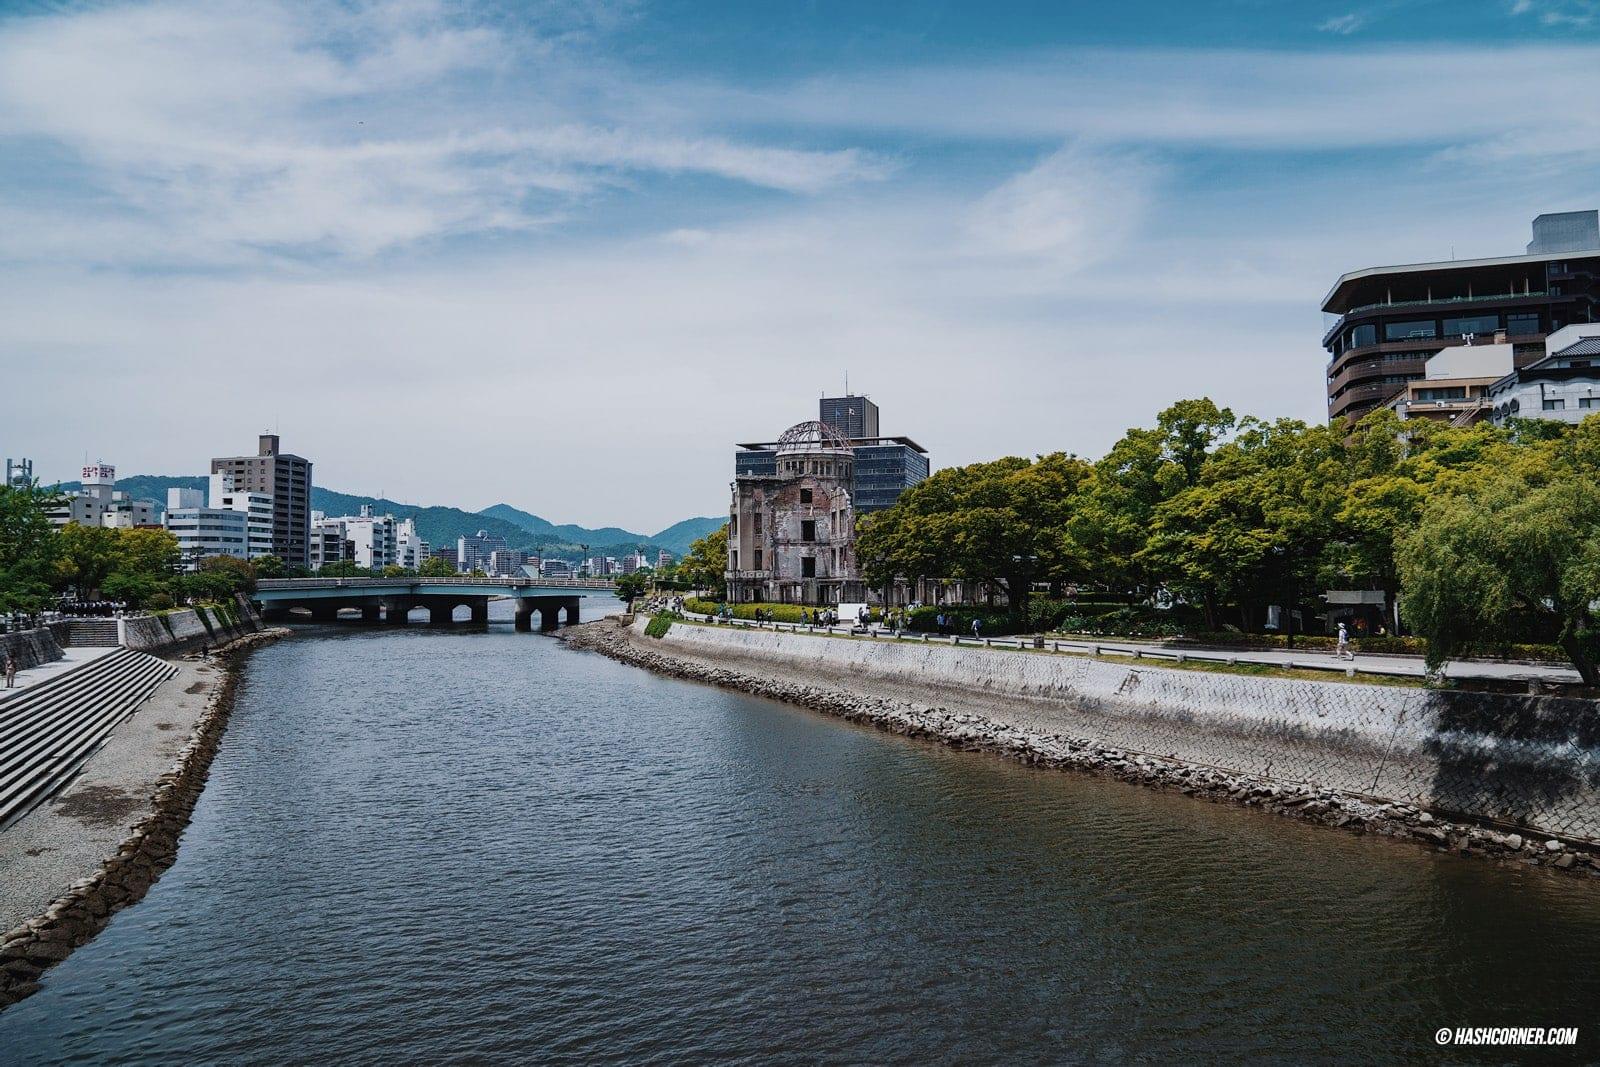 รีวิว ฮิโรชิม่า (Hiroshima) เที่ยวญี่ปุ่น เมืองสันติภาพ